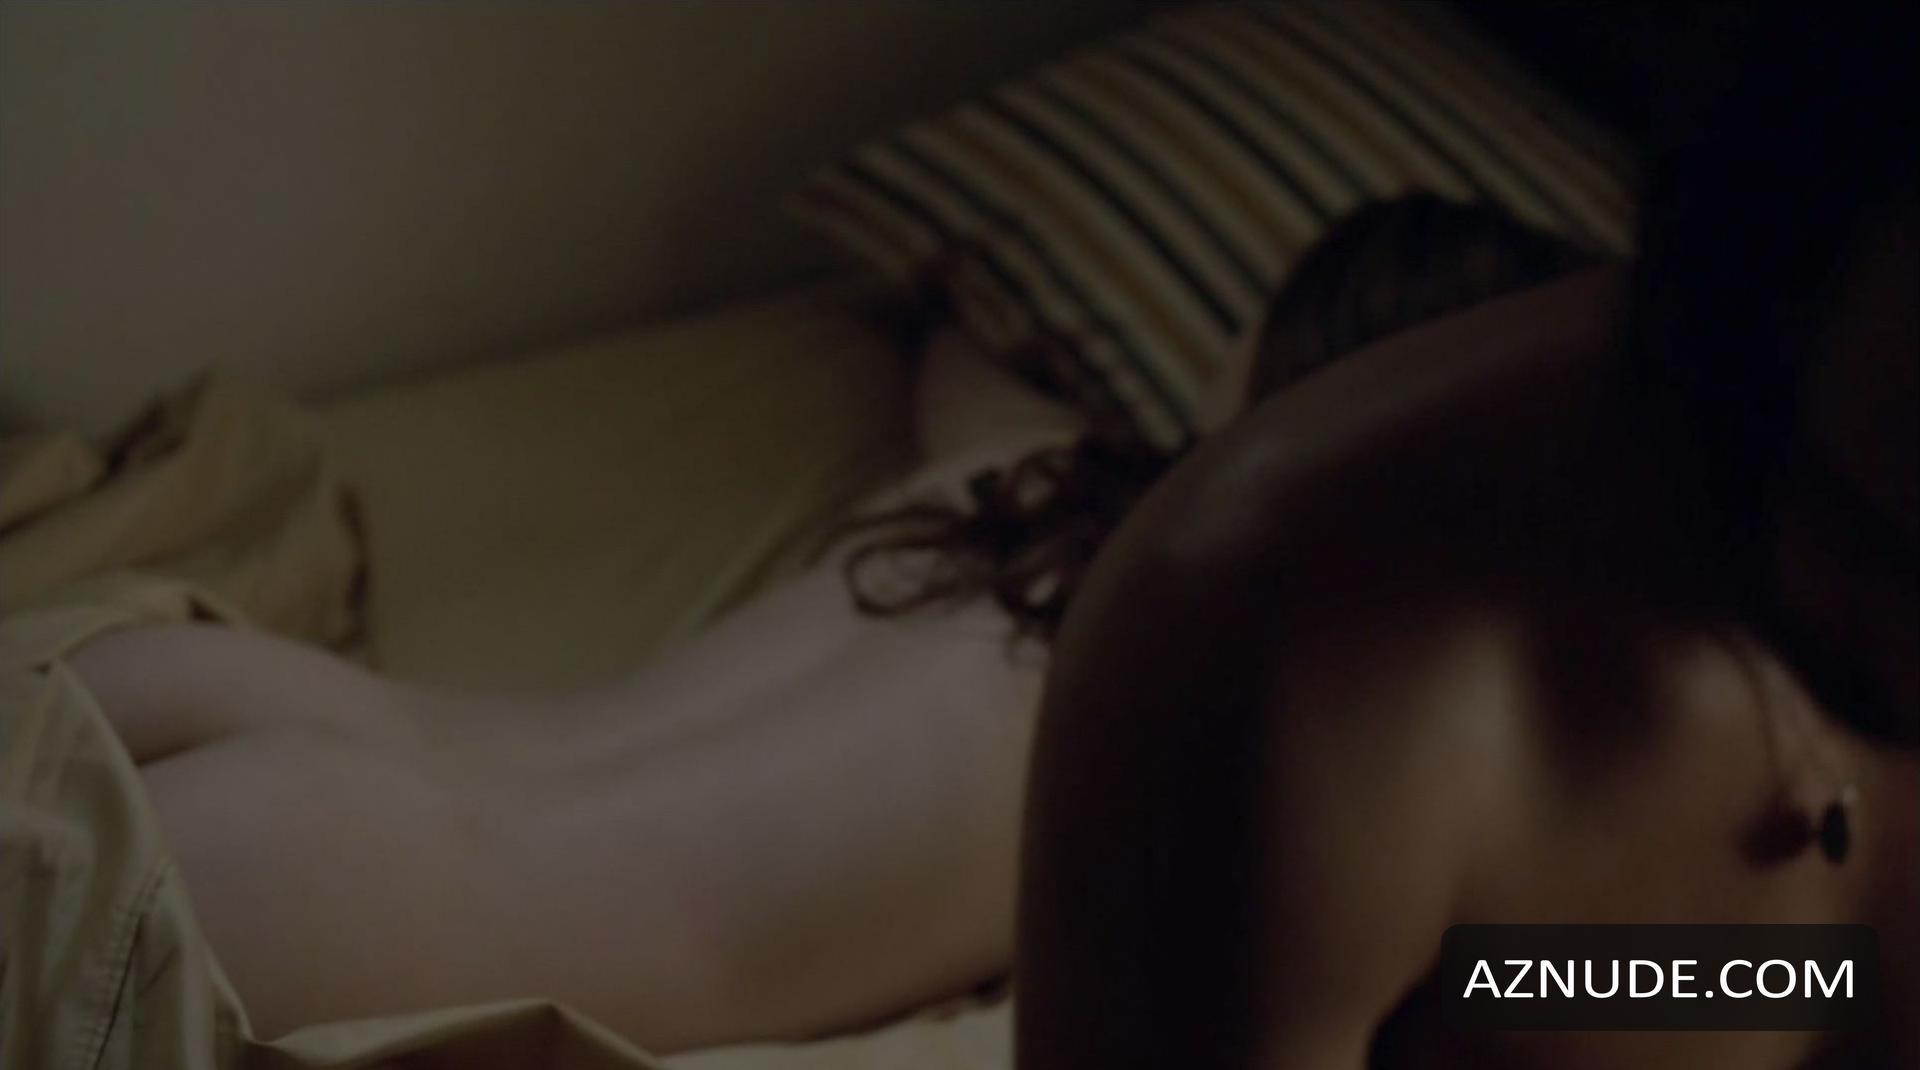 Monica alvarez ass nude (86 pic)